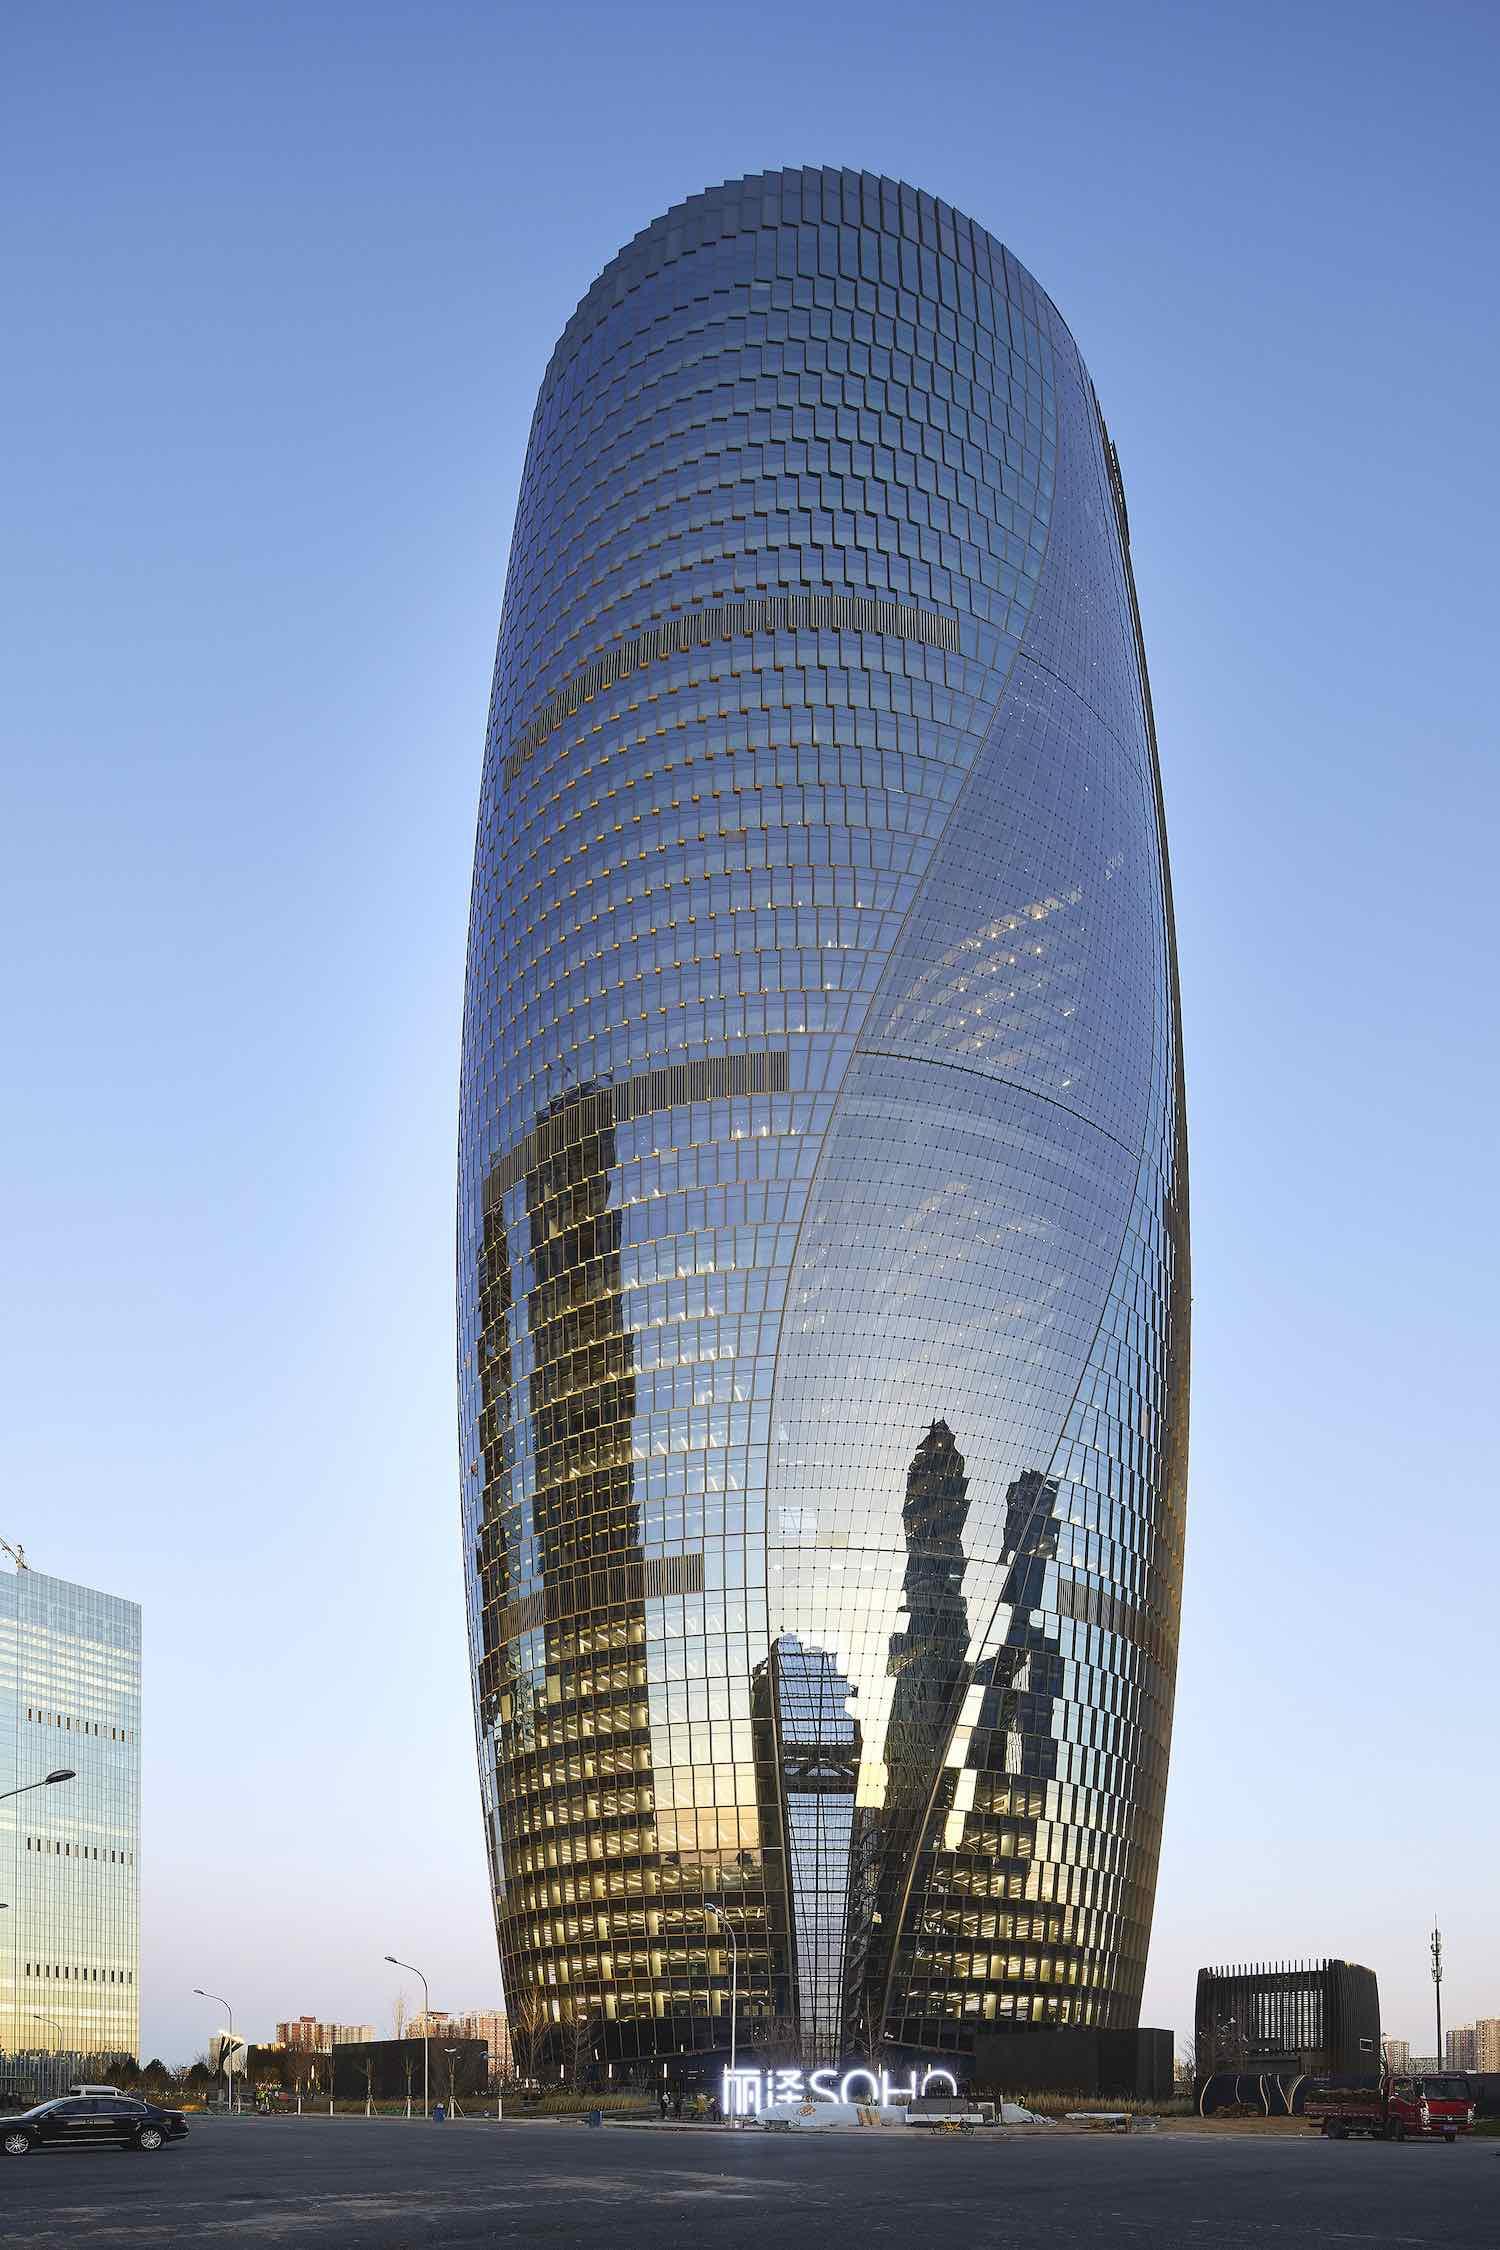 Leeza Soho Tower by Zaha Hadid Architects - Photo ©Hufton+Crow.